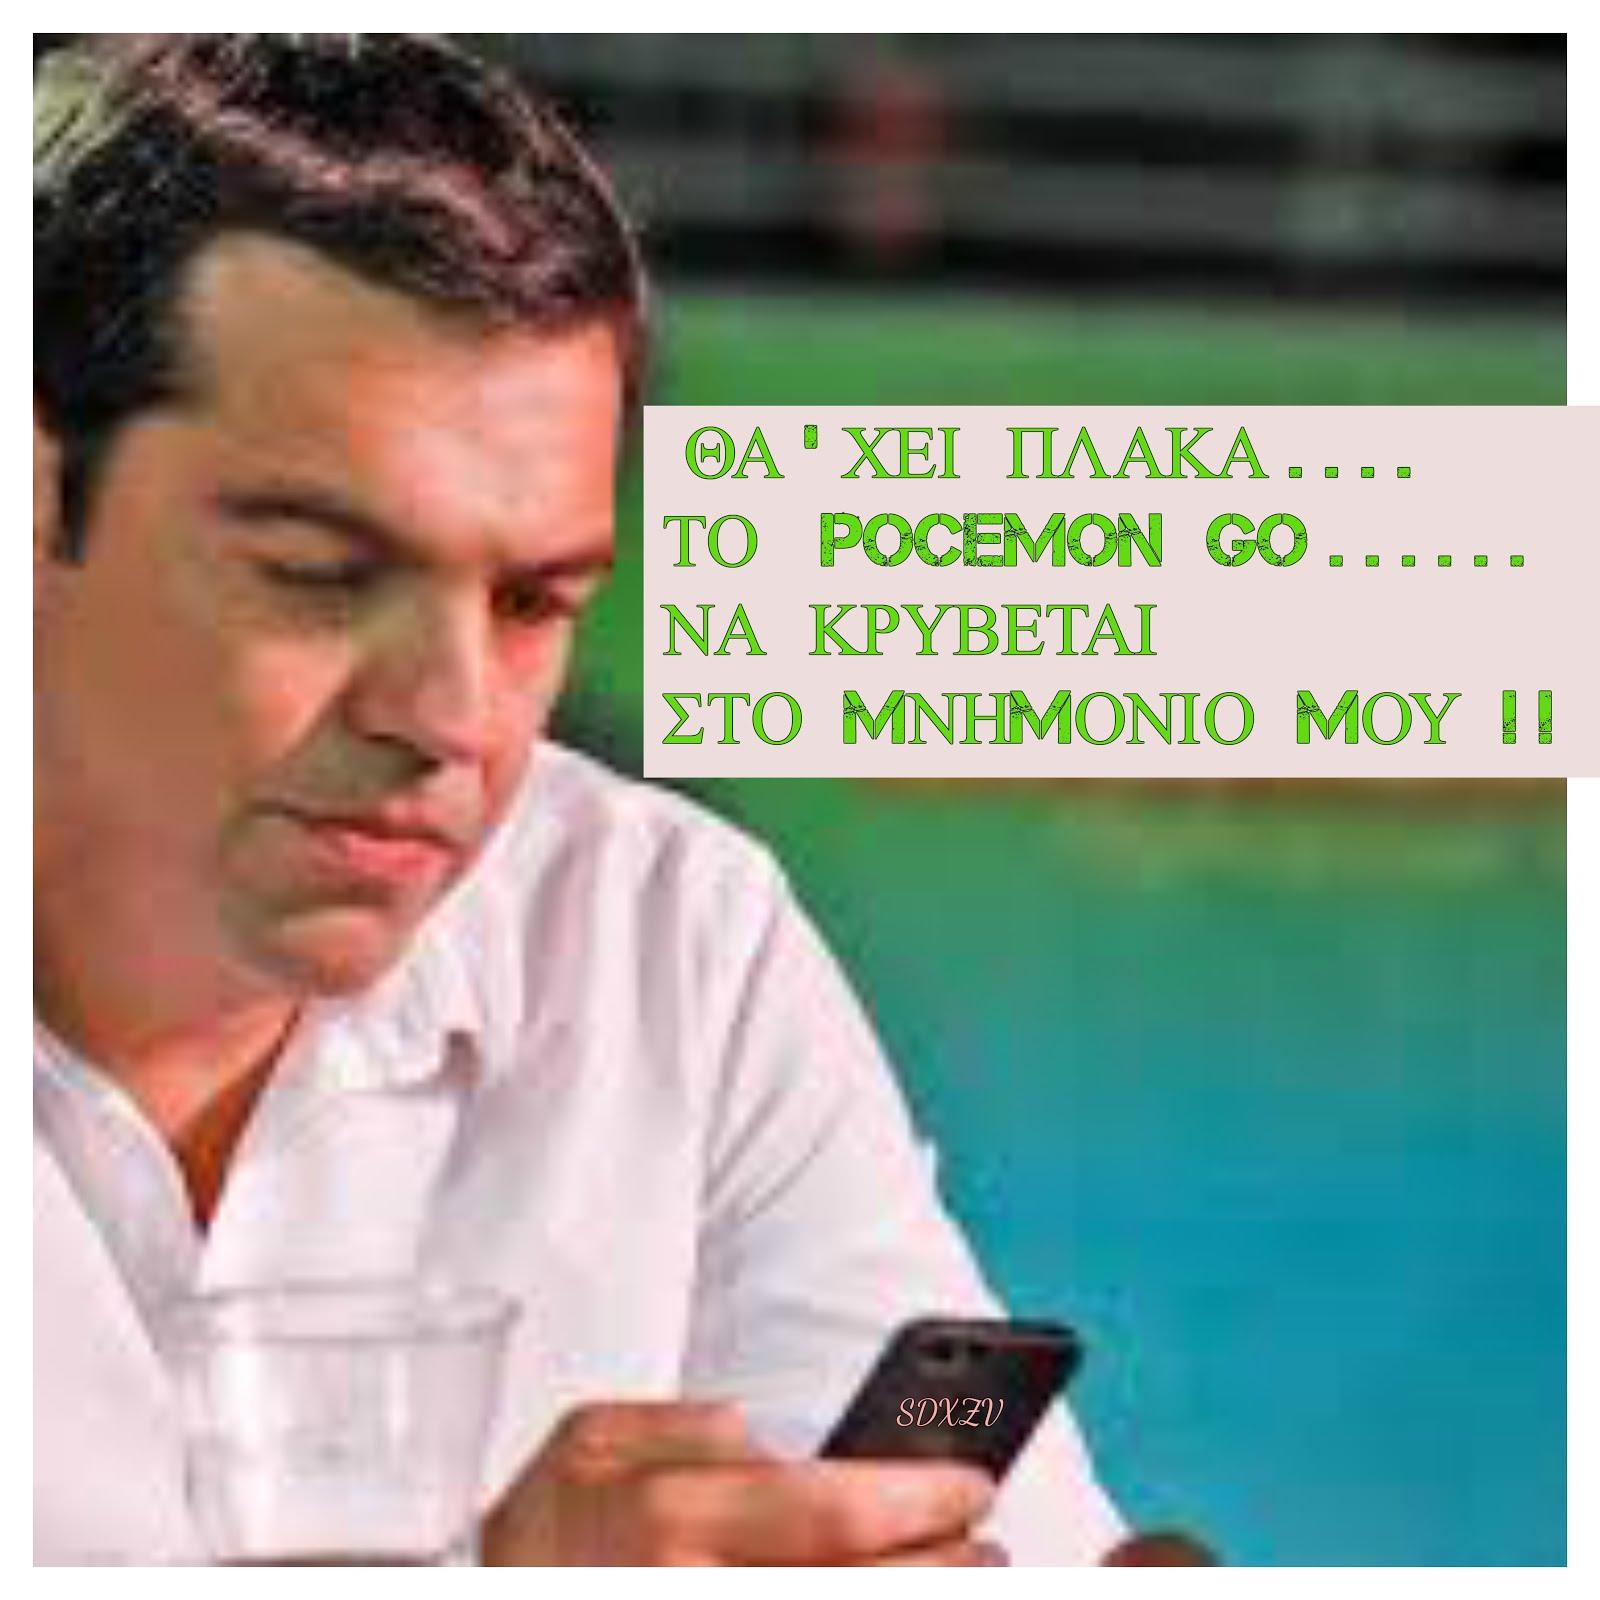 POCEMON GO